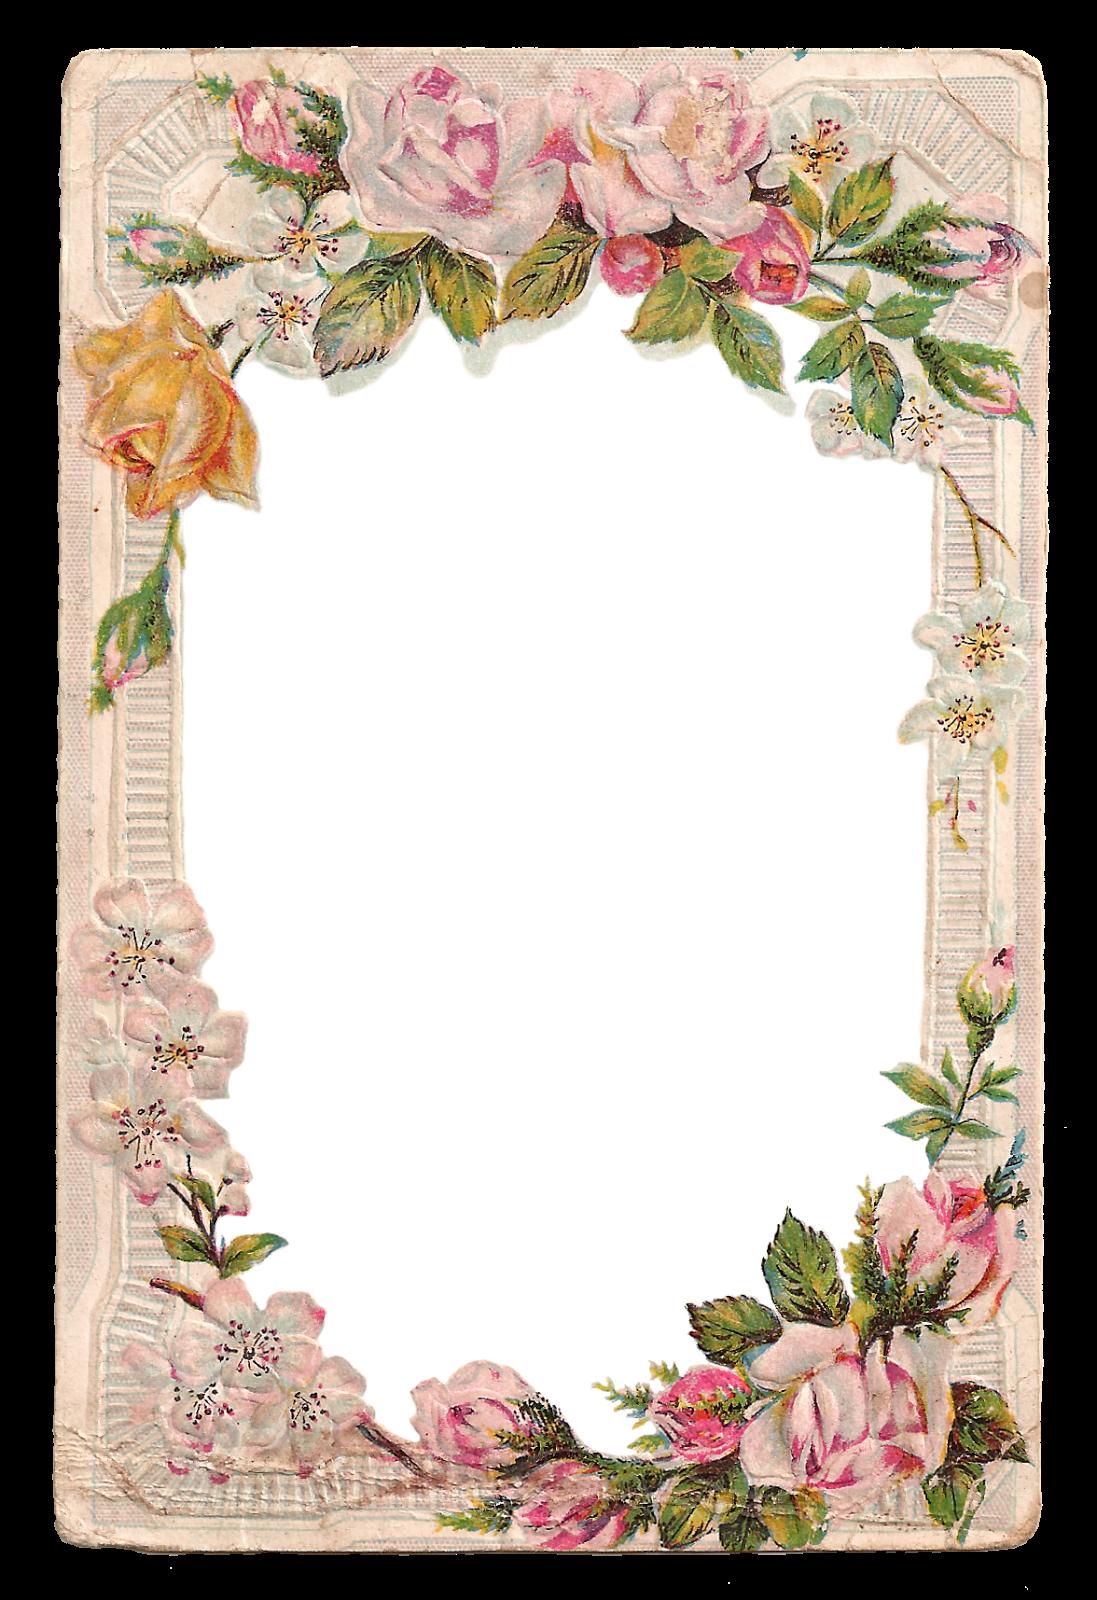 Free Digital Flower Frame With Roses Dogwood Cats And Kittens Flower Frame Digital Flowers Flower Frame Png